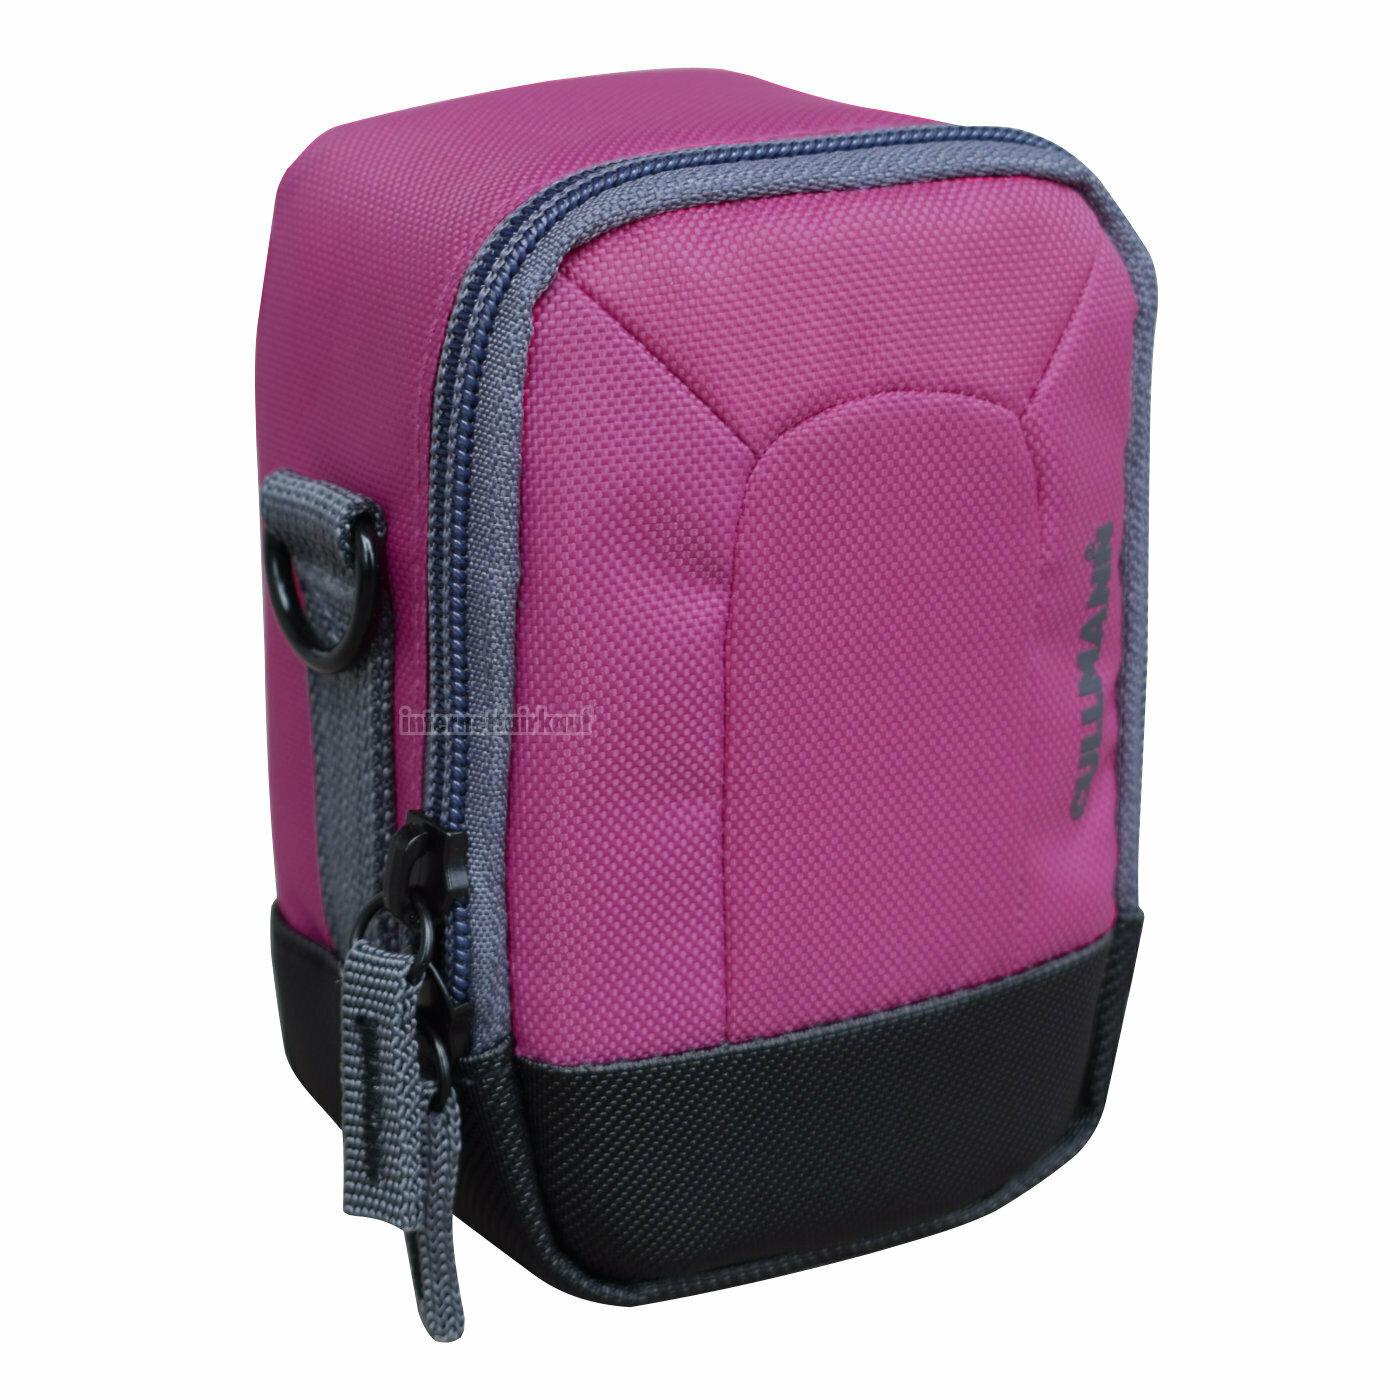 Kameratasche purple passend für Canon PowerShot SX730 HS SX740 HS - Fototasche